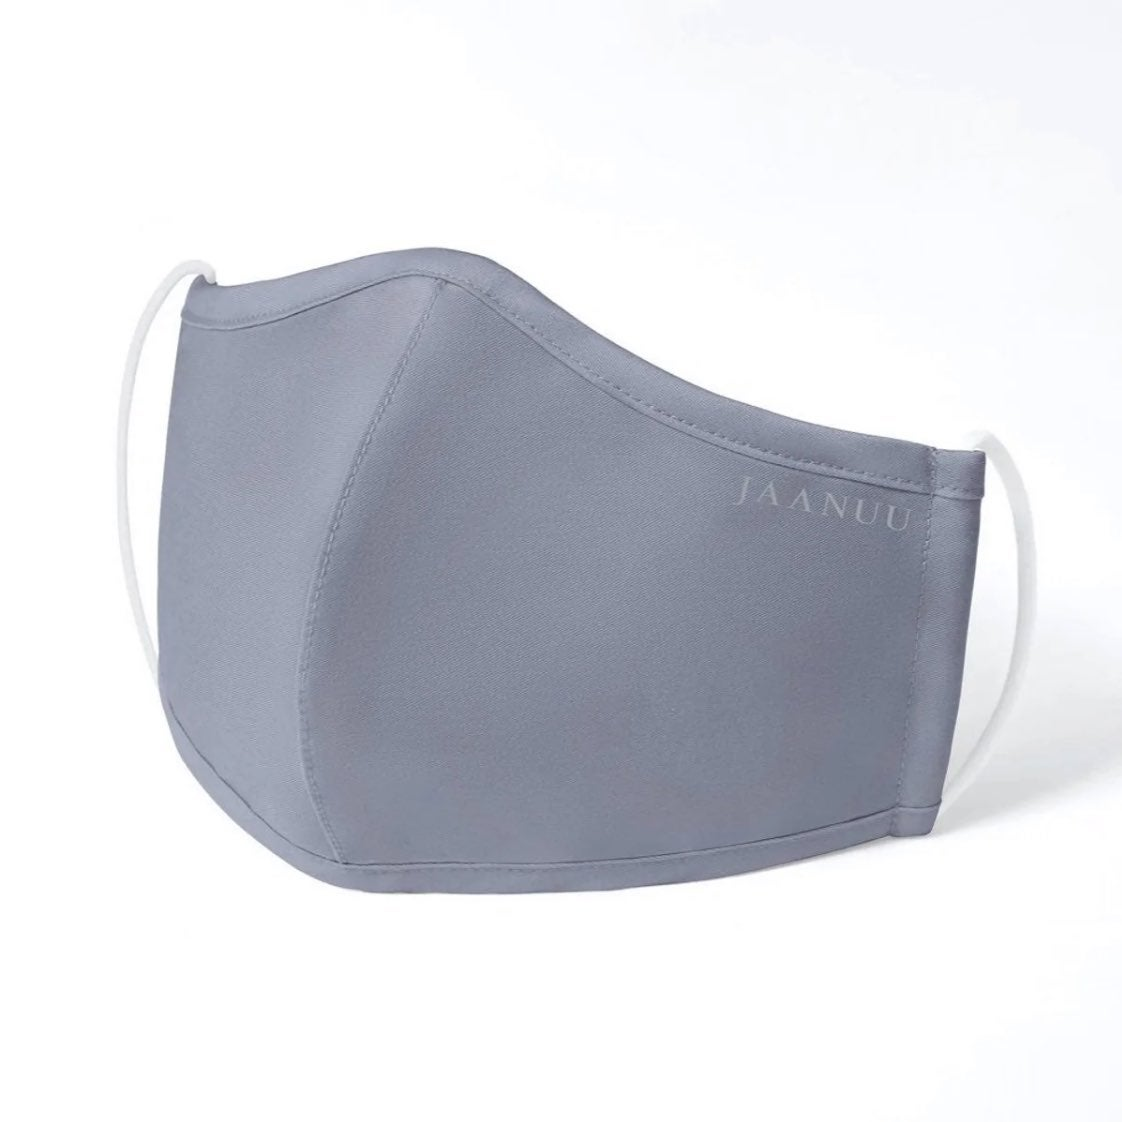 Jaanuu adult mask graphite